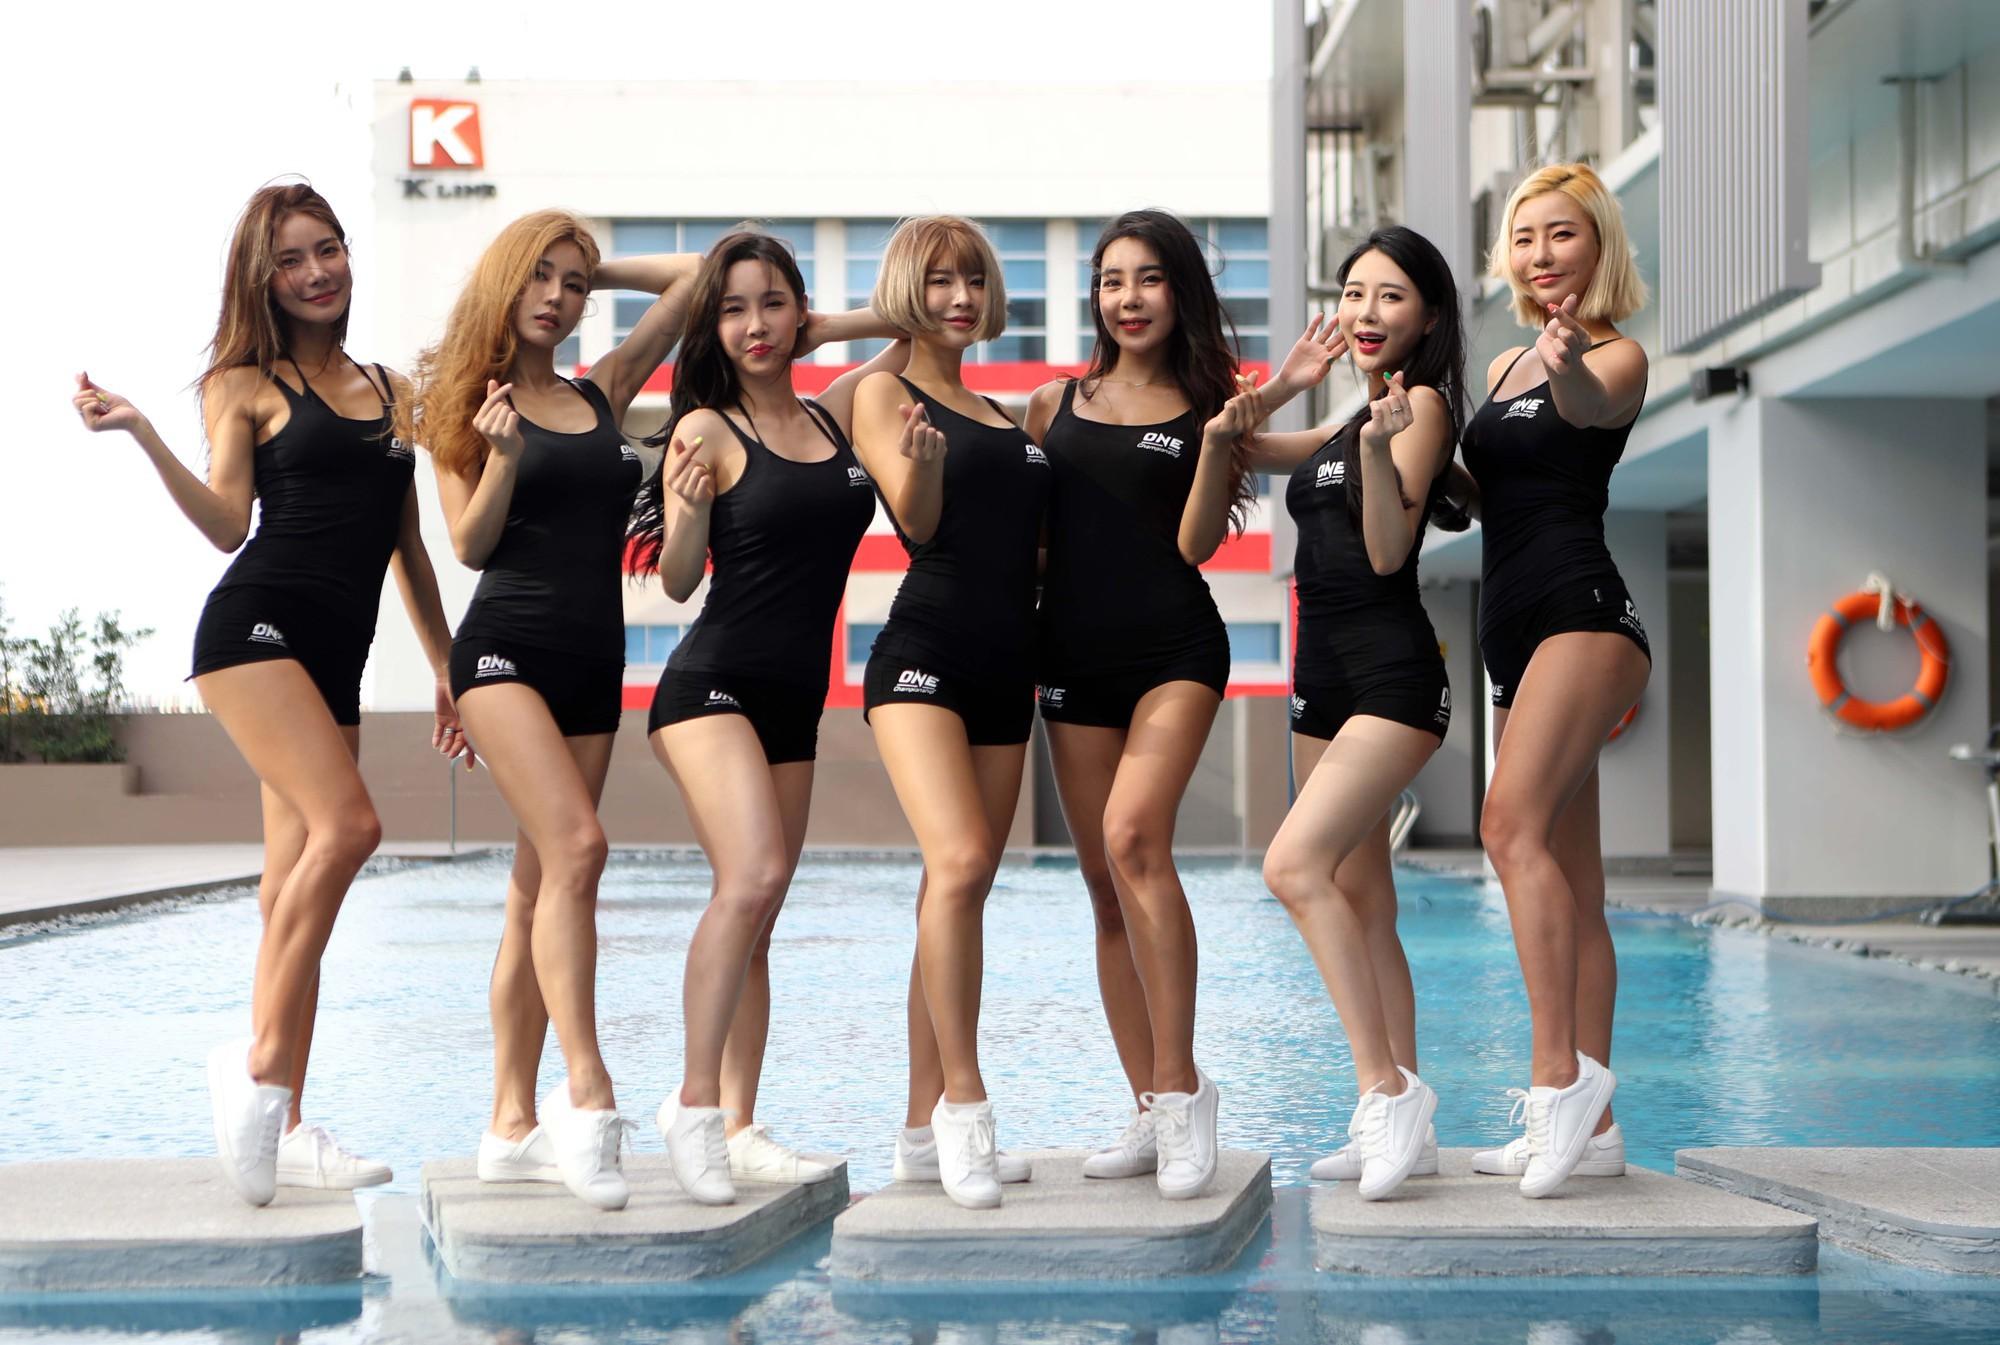 eMagazine: Nóng bỏng dàn Ring Girl tại sự kiện võ thuật lớn nhất châu Á - Ảnh 7.